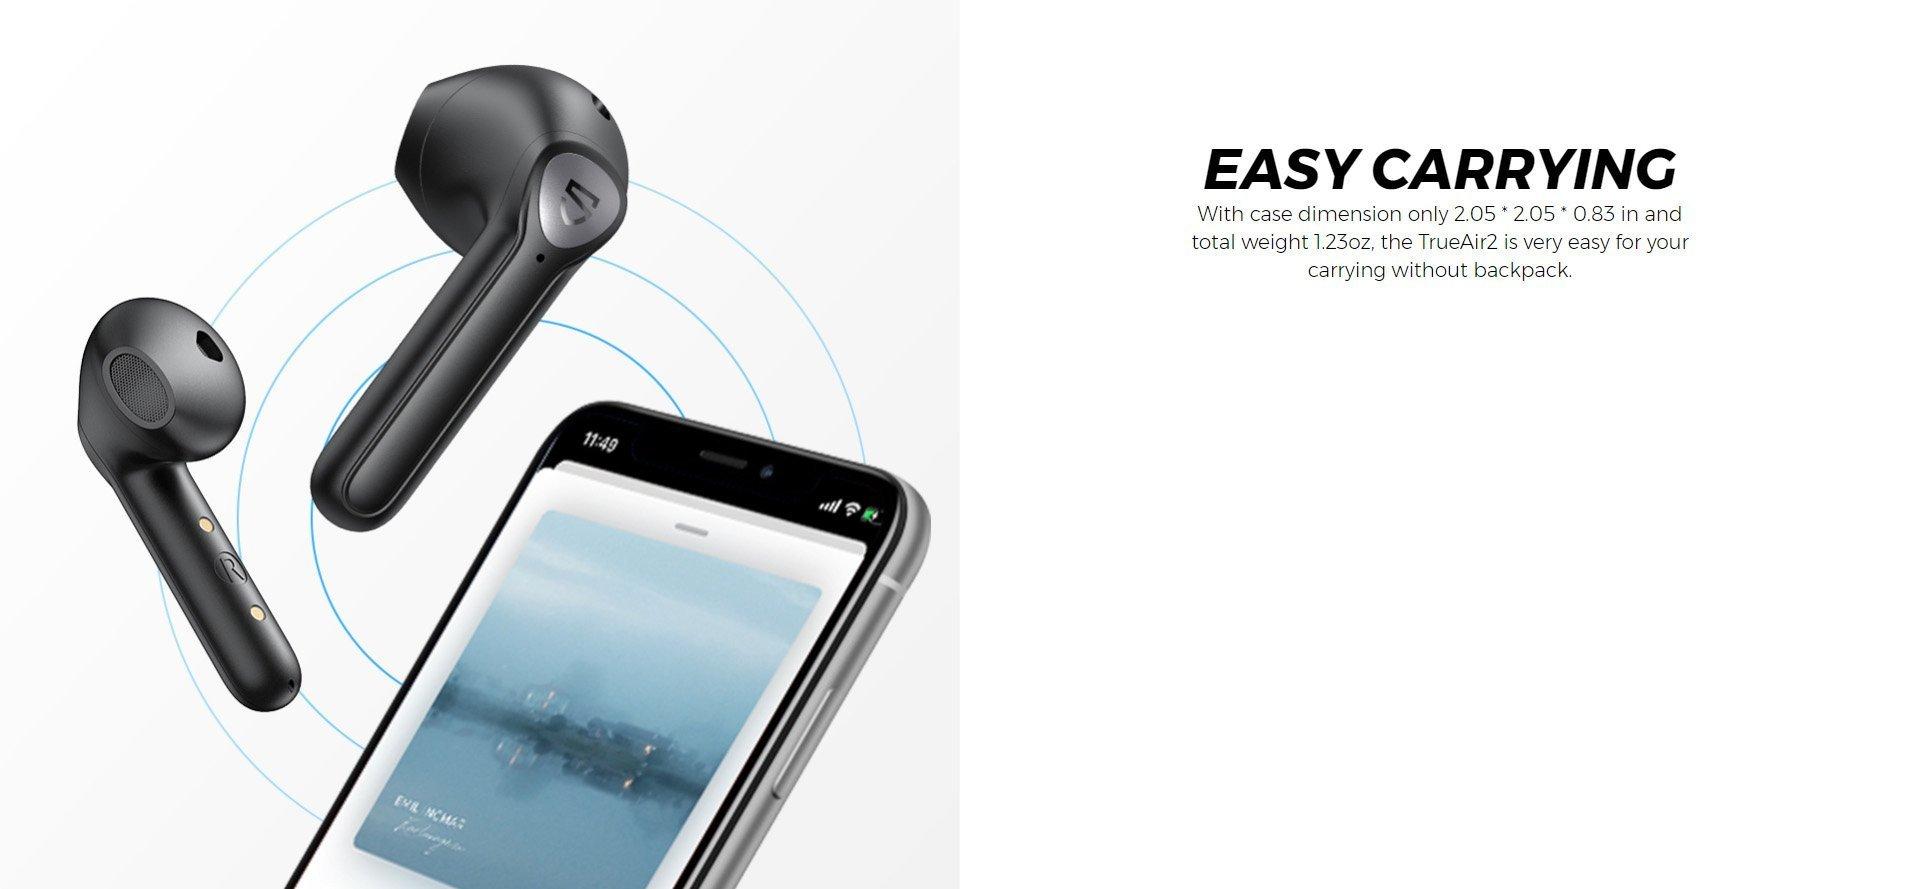 soundpeats trueair 2 earphones 5